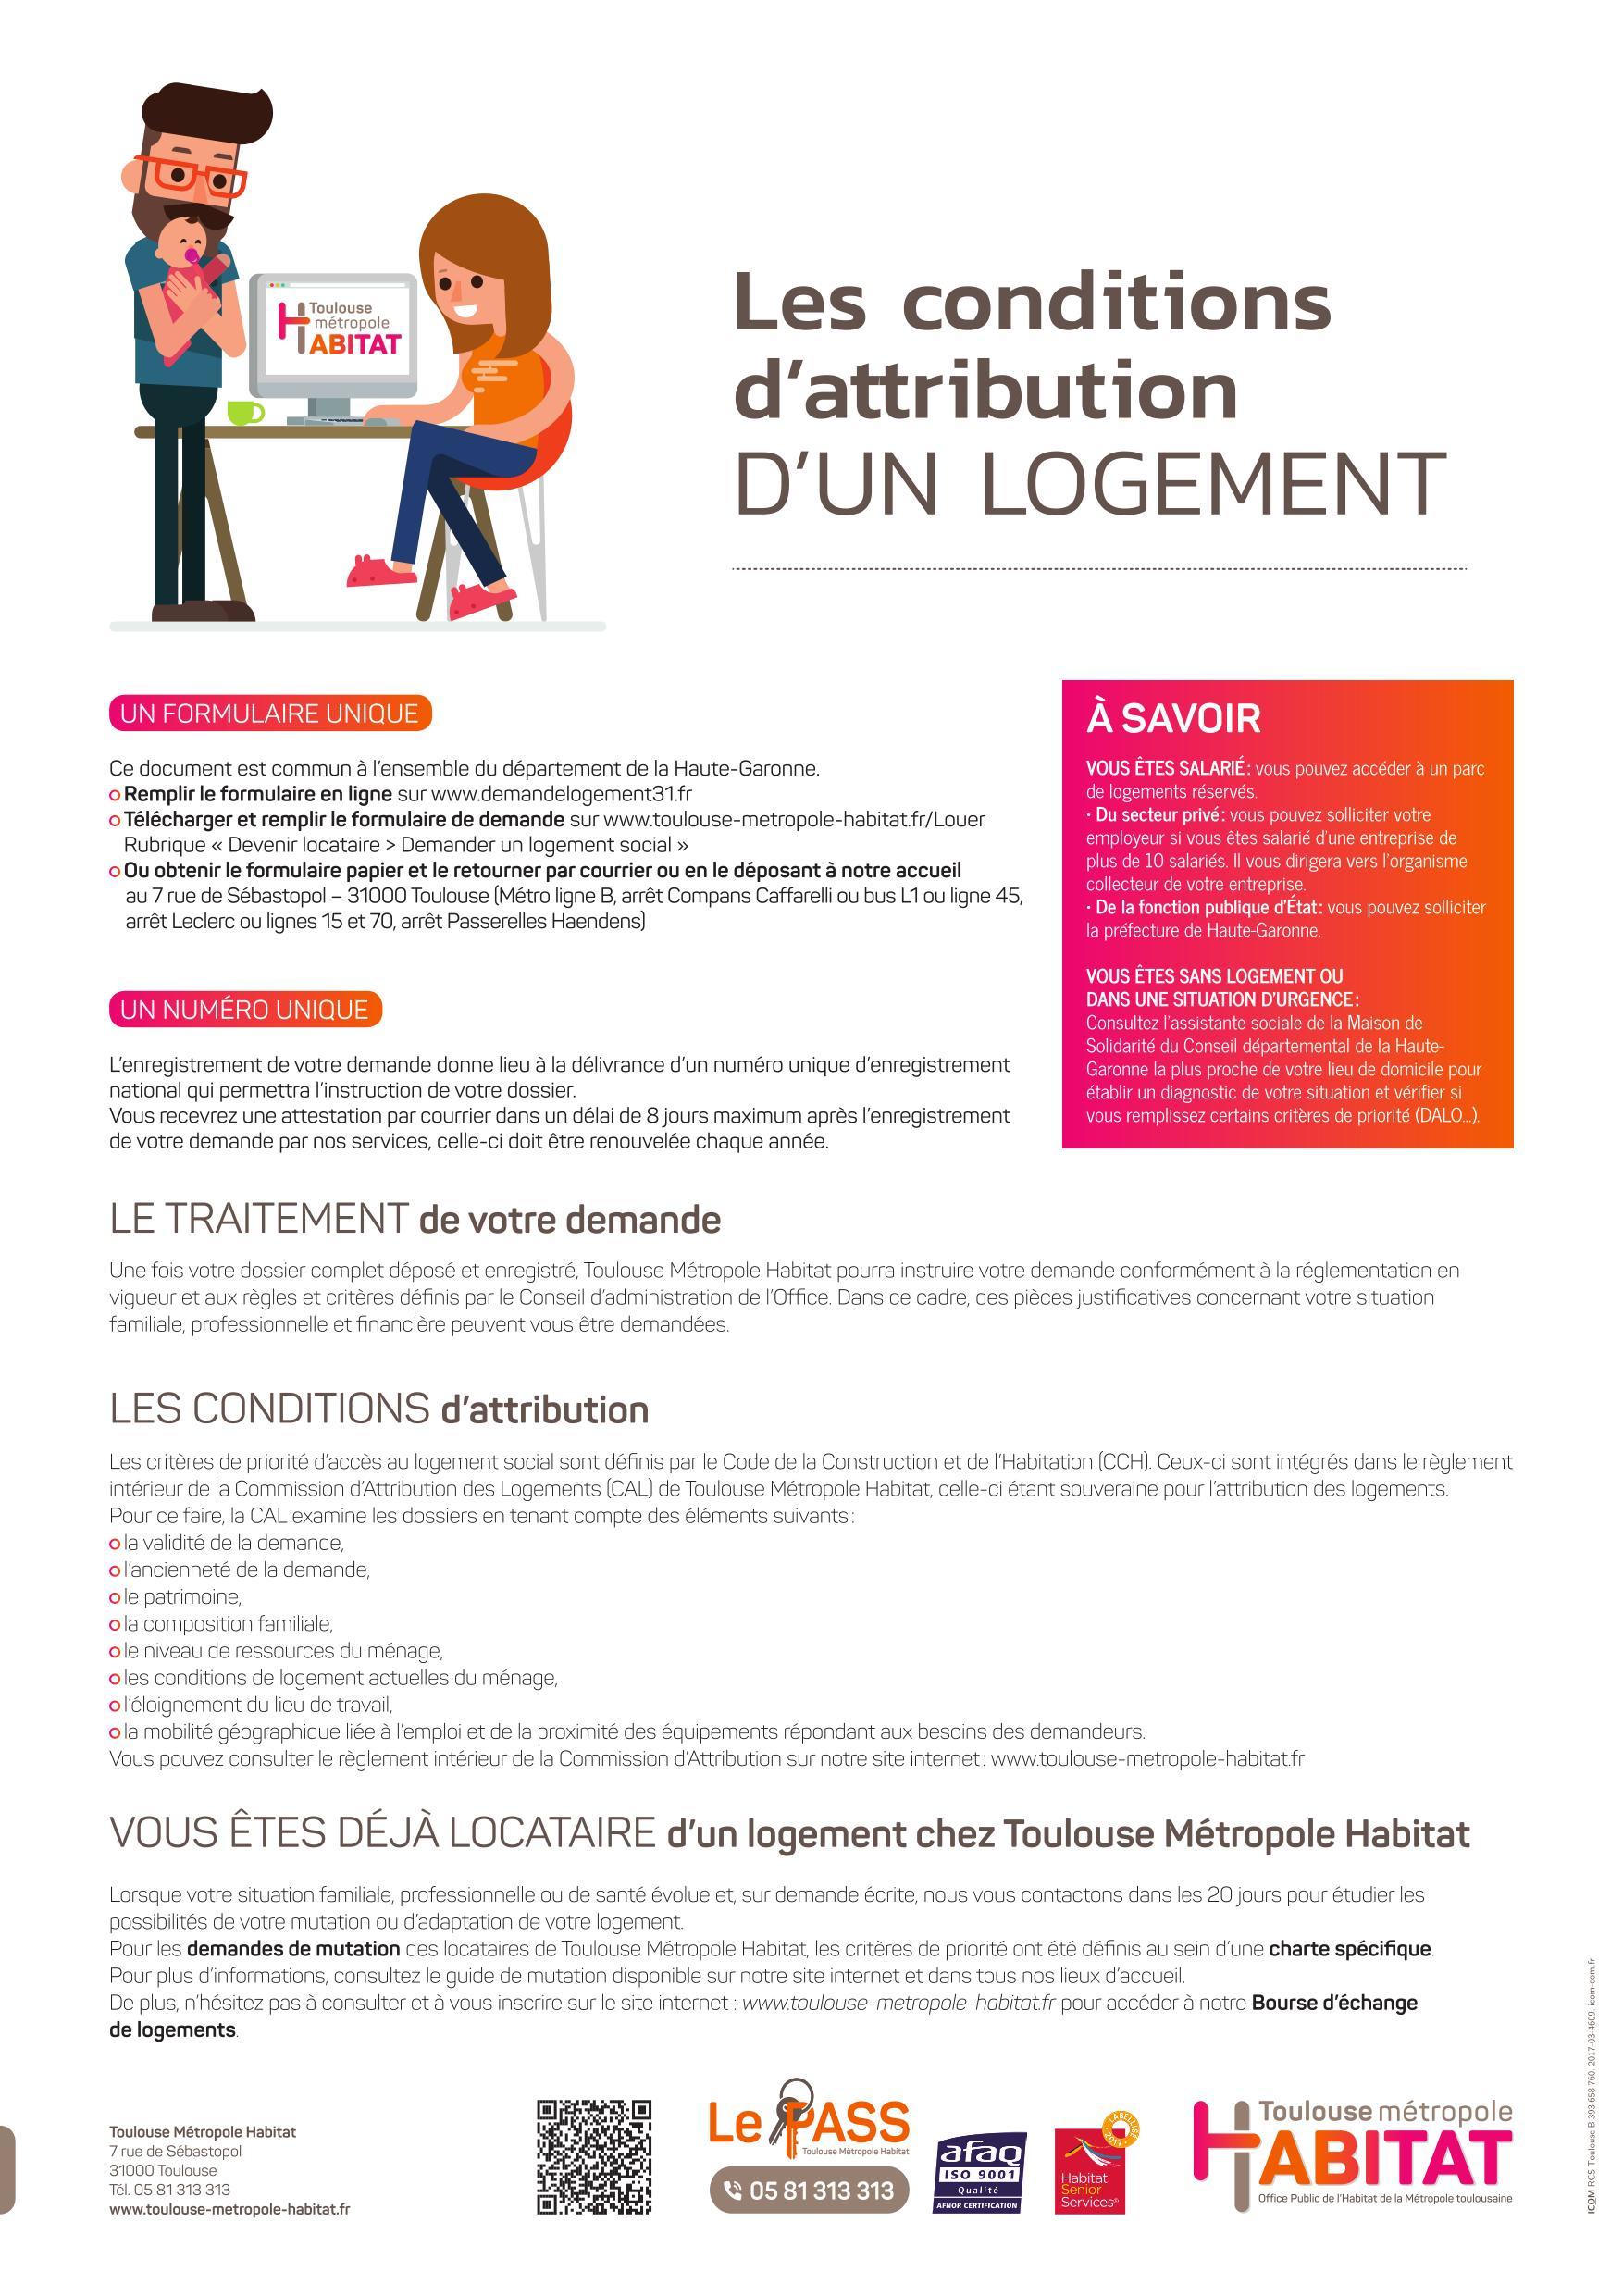 Demander Un Logement Social Toulouse Metropole Habitat